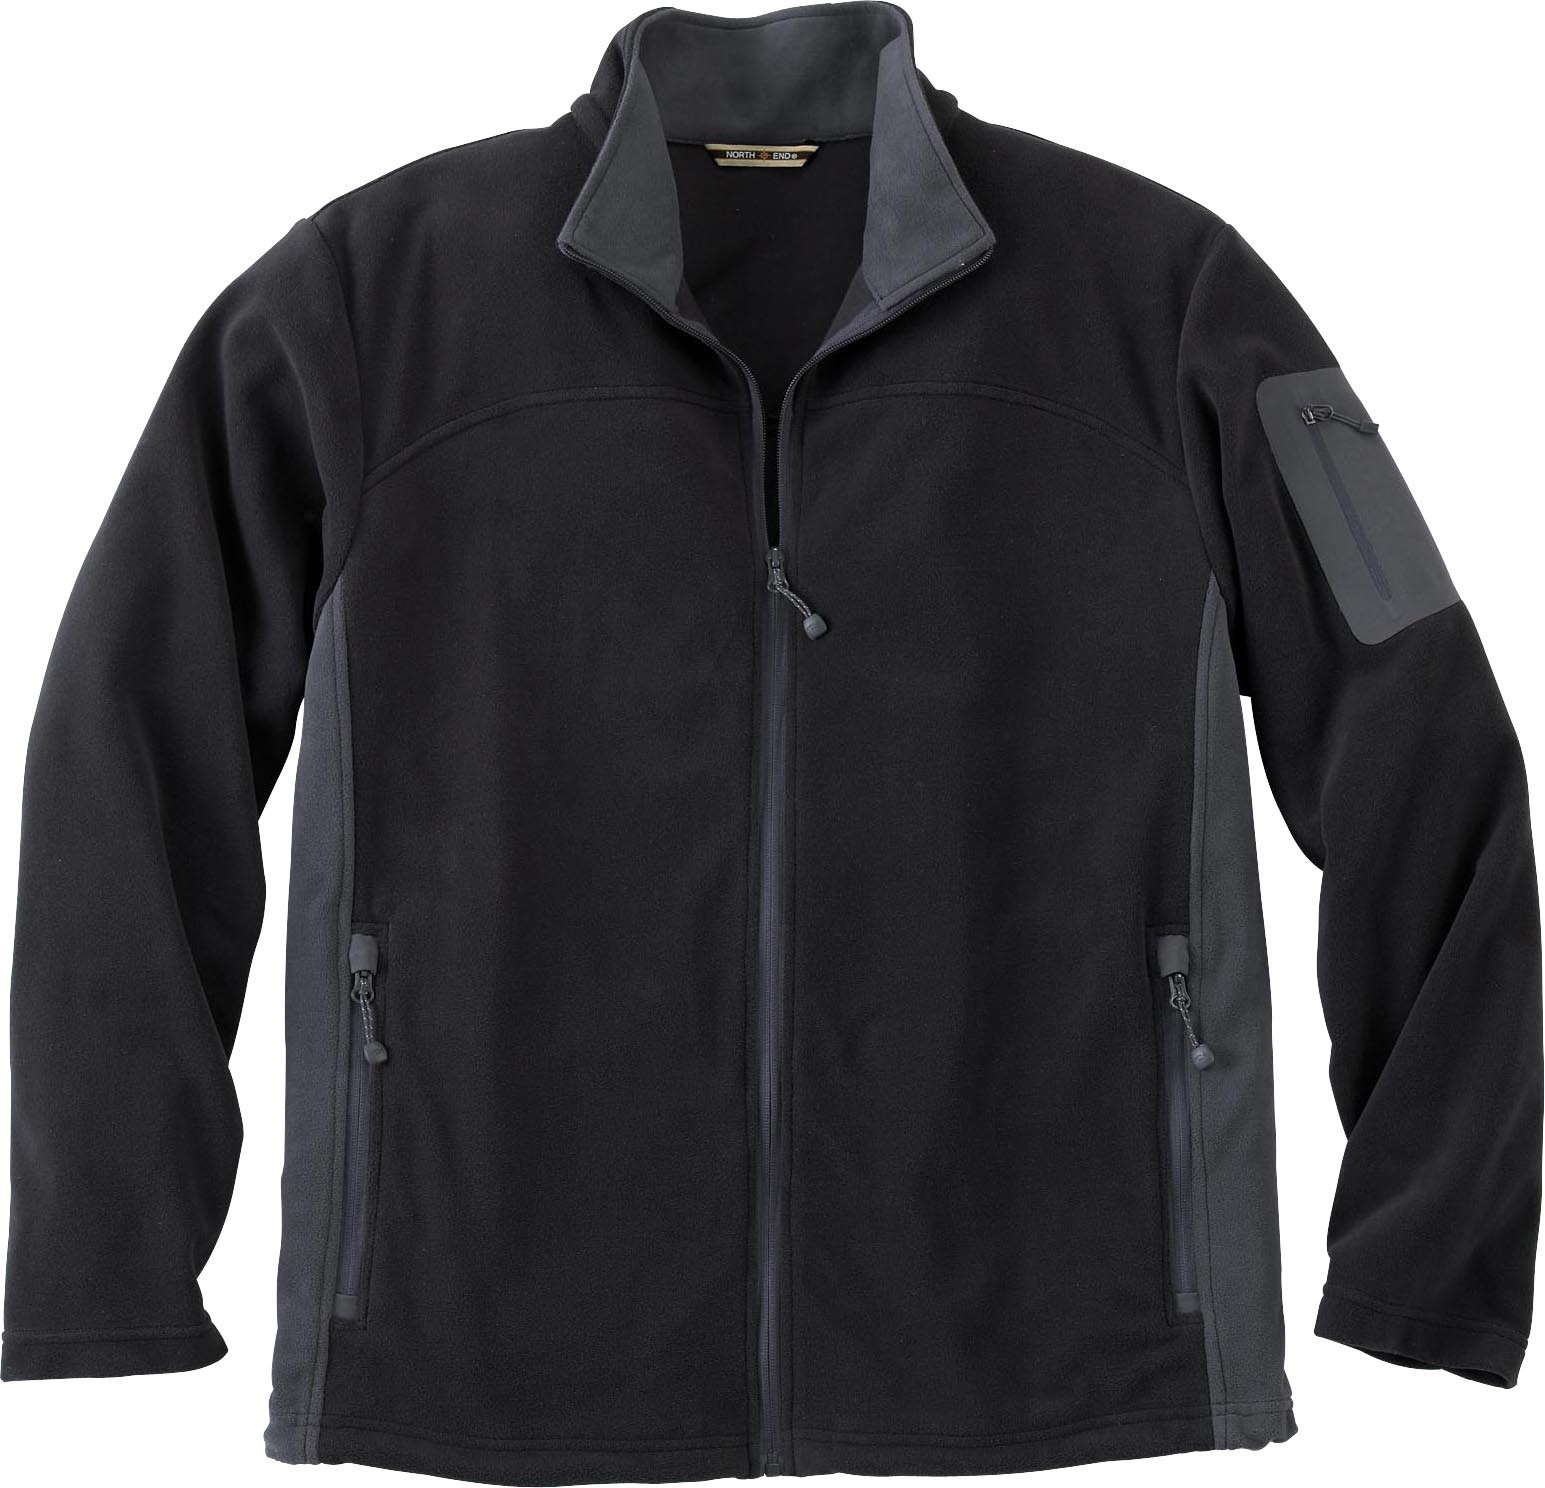 Ash City Microfleece 88123 - Men's Full-Zip Microfleece Jacket